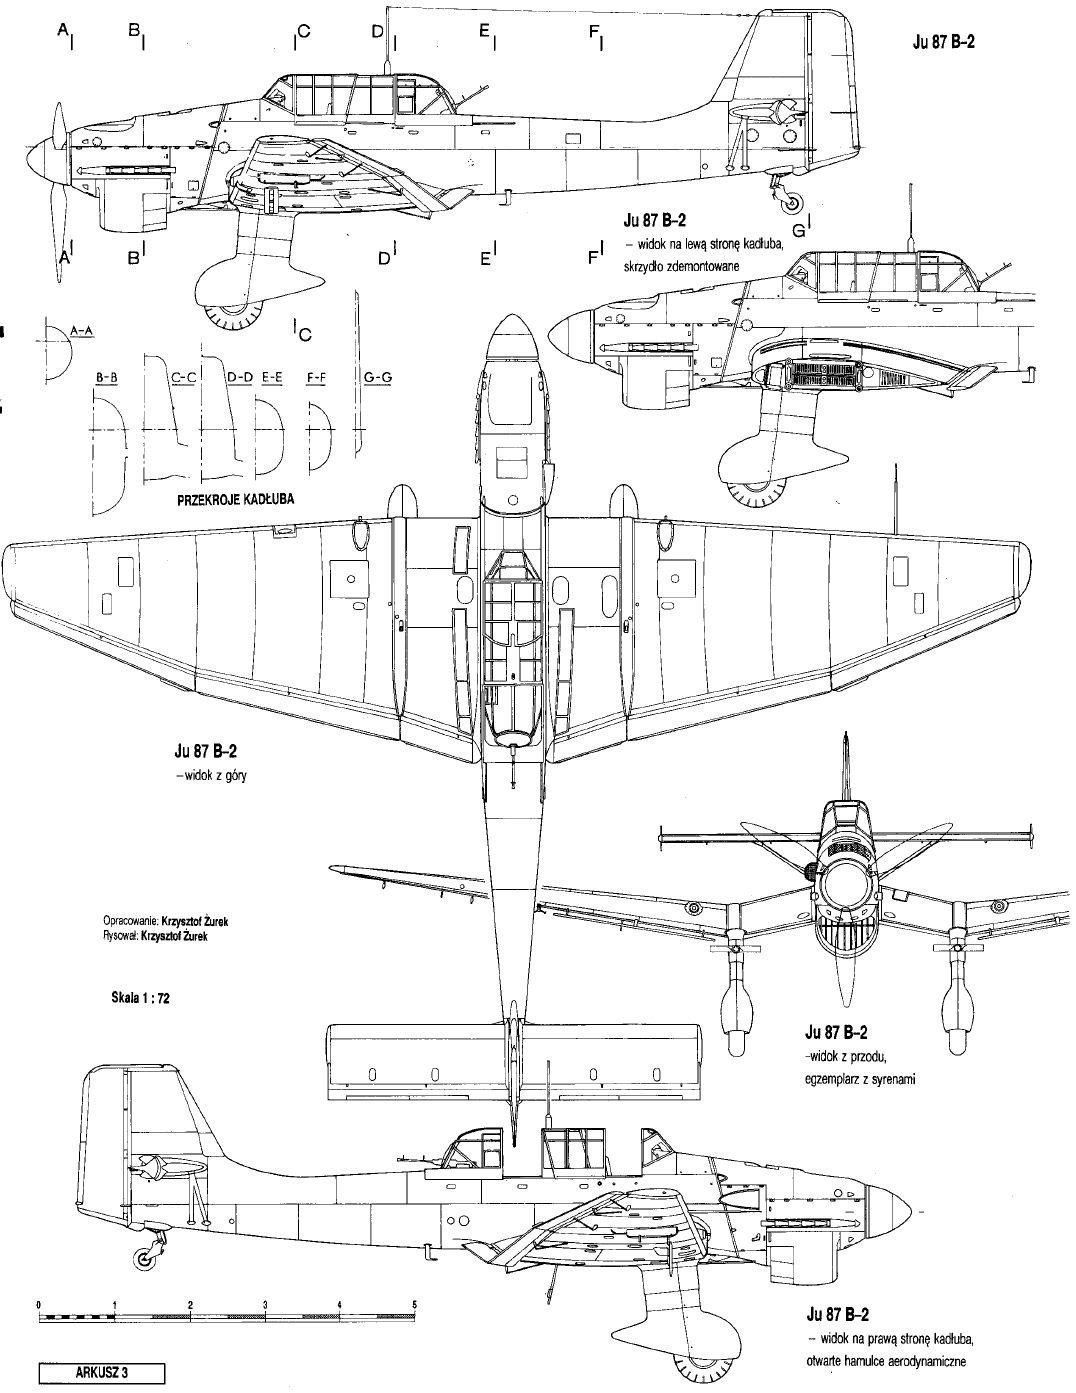 Ju 87b B 1 B 2